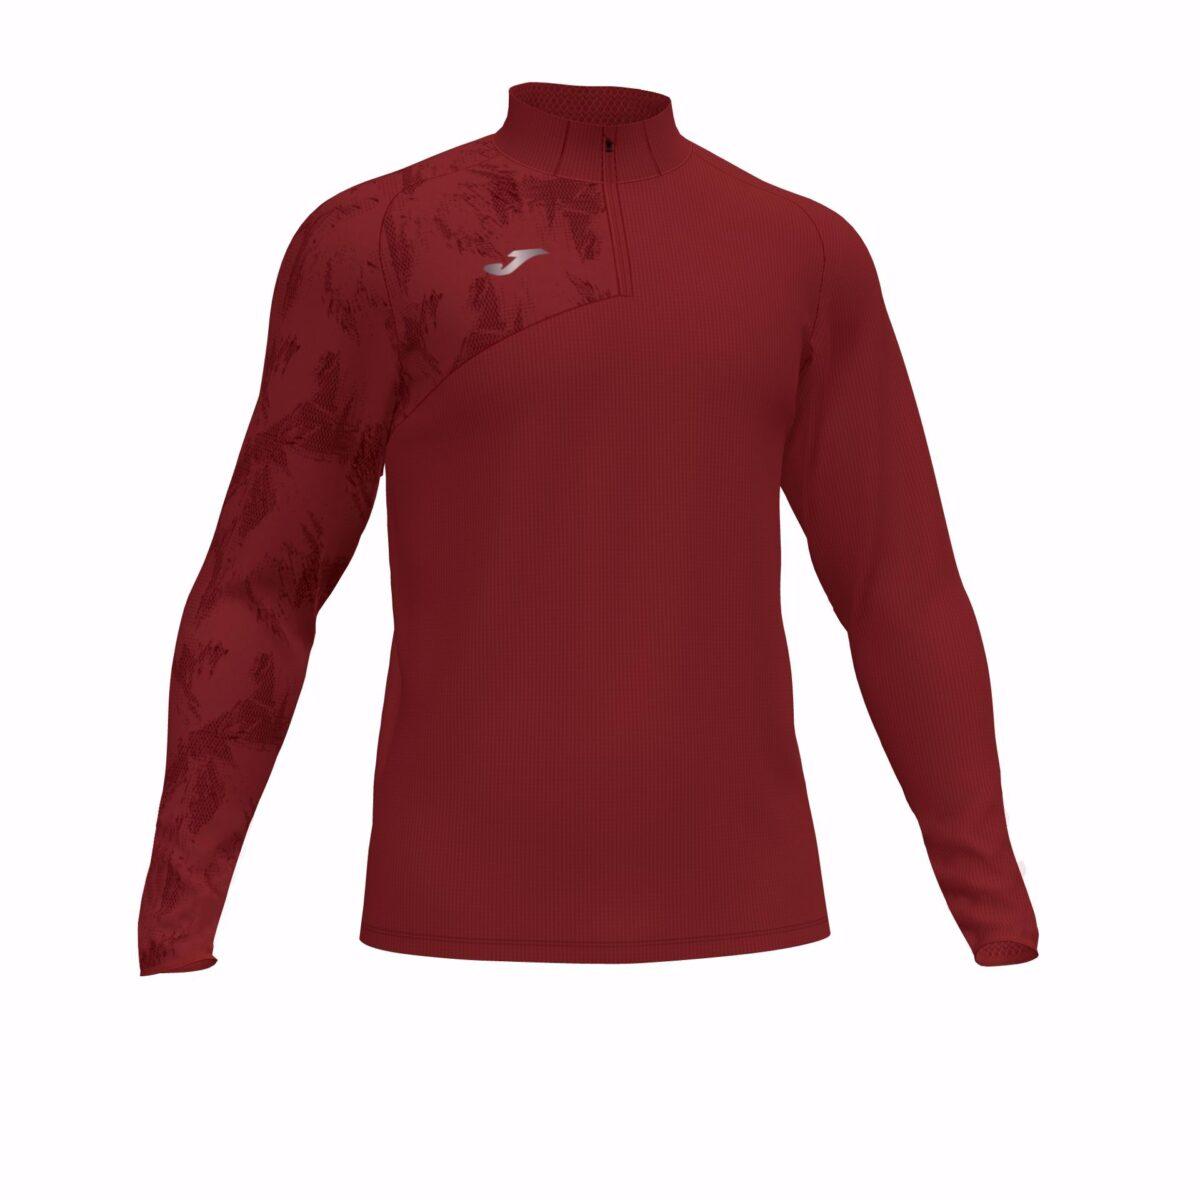 Joma Raco 1/4 zip sweatshirt 101416